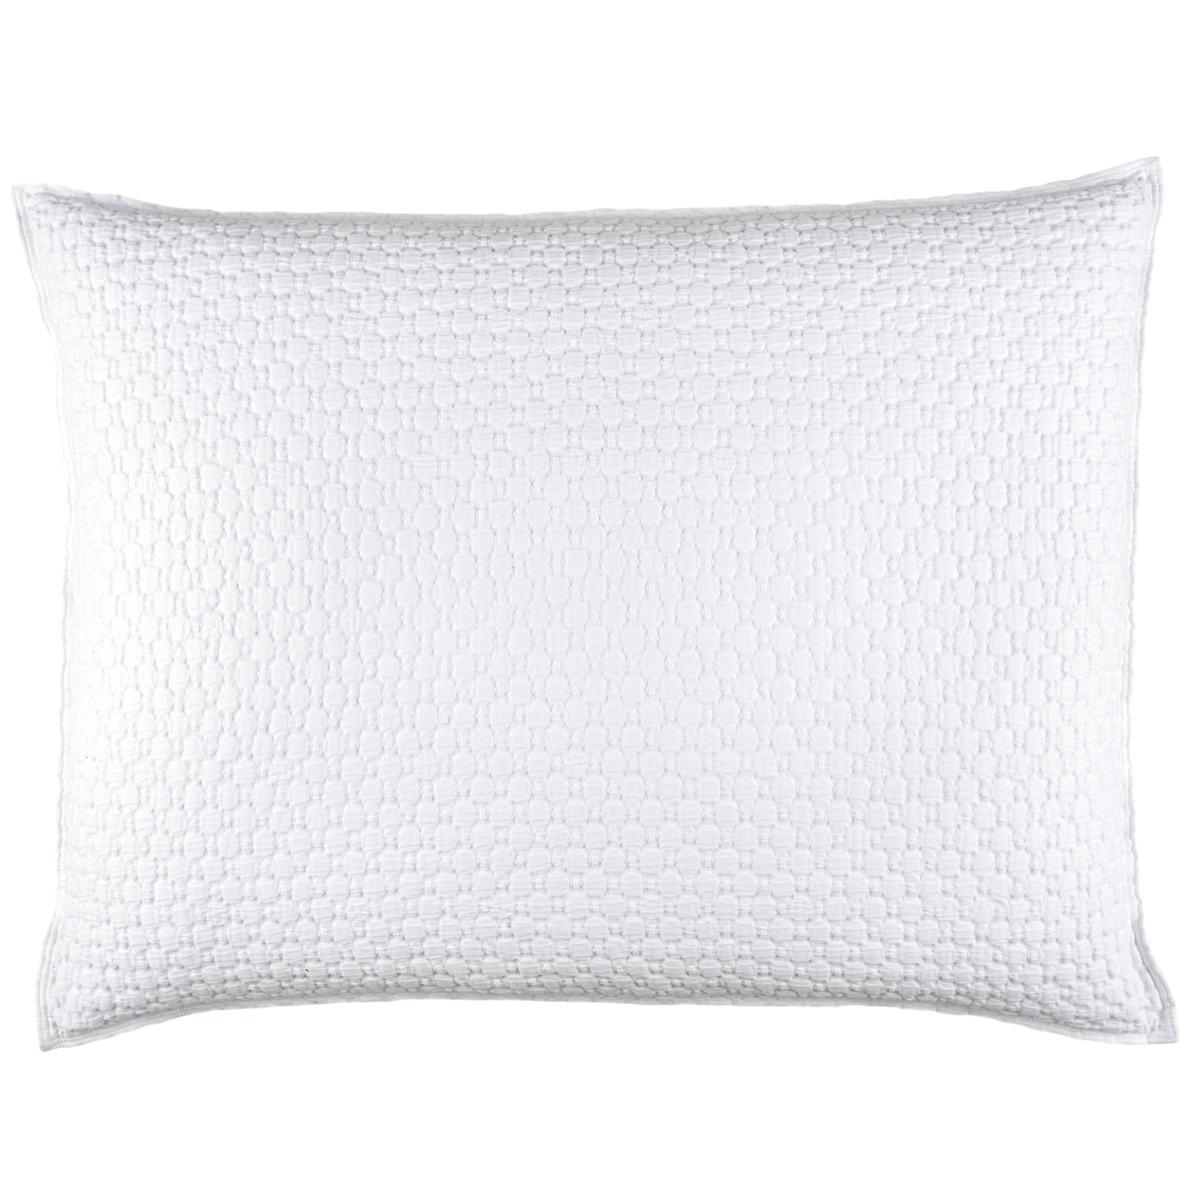 Lodi White Matelassé Decorative Pillow